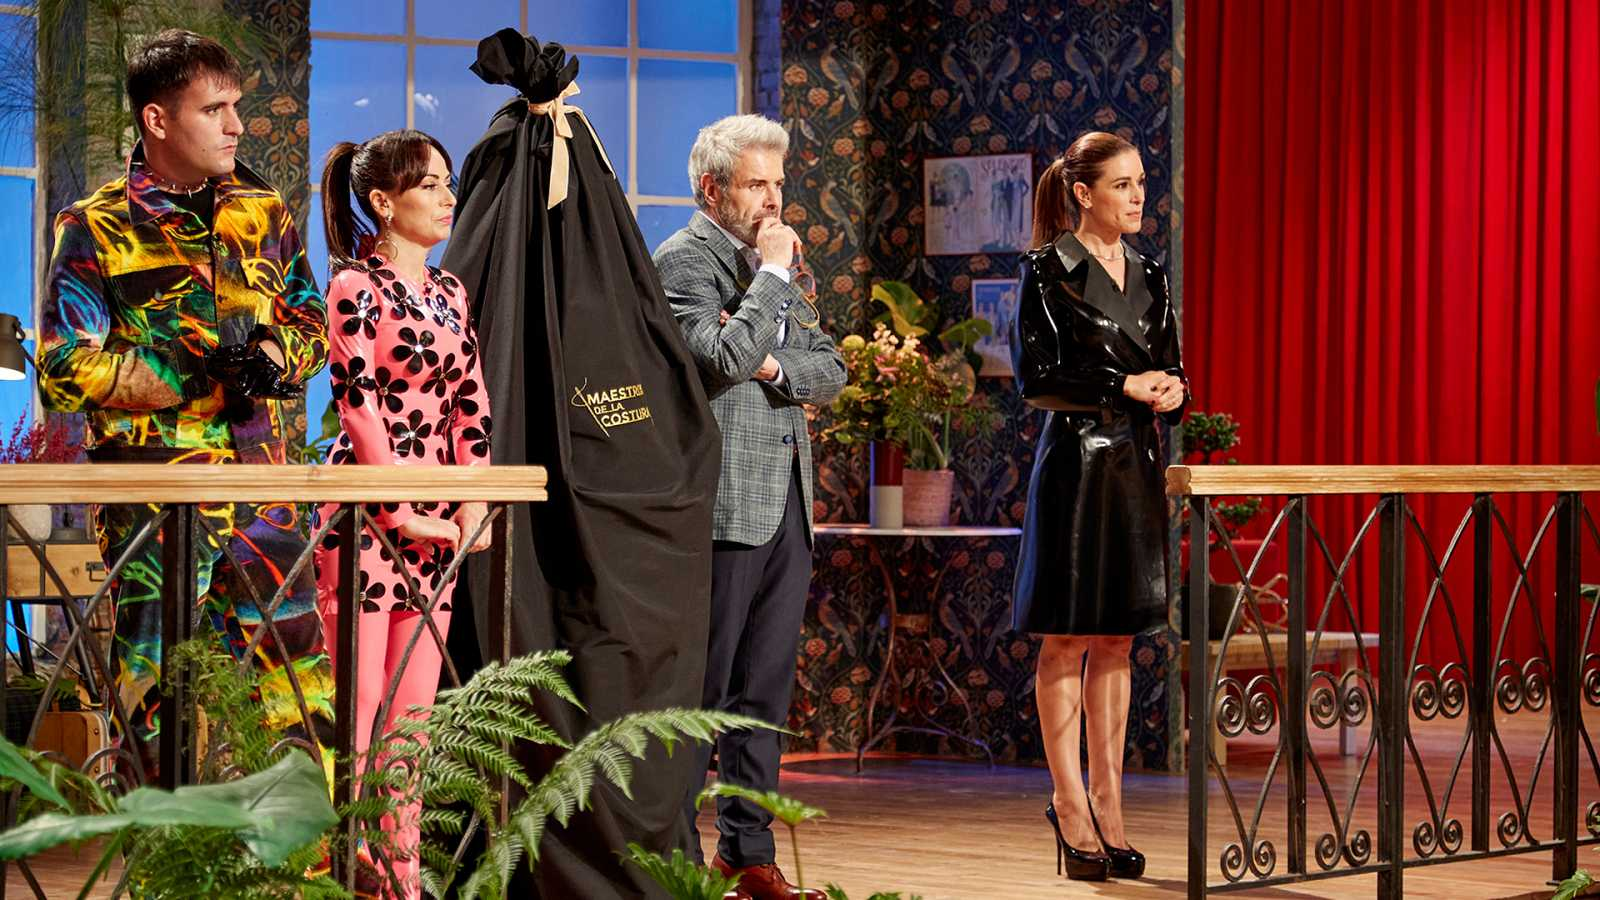 Maestros de la costura - Ya puedes ver la rueda de prensa del estreno de la cuarta temporada de Maestros de la Costura